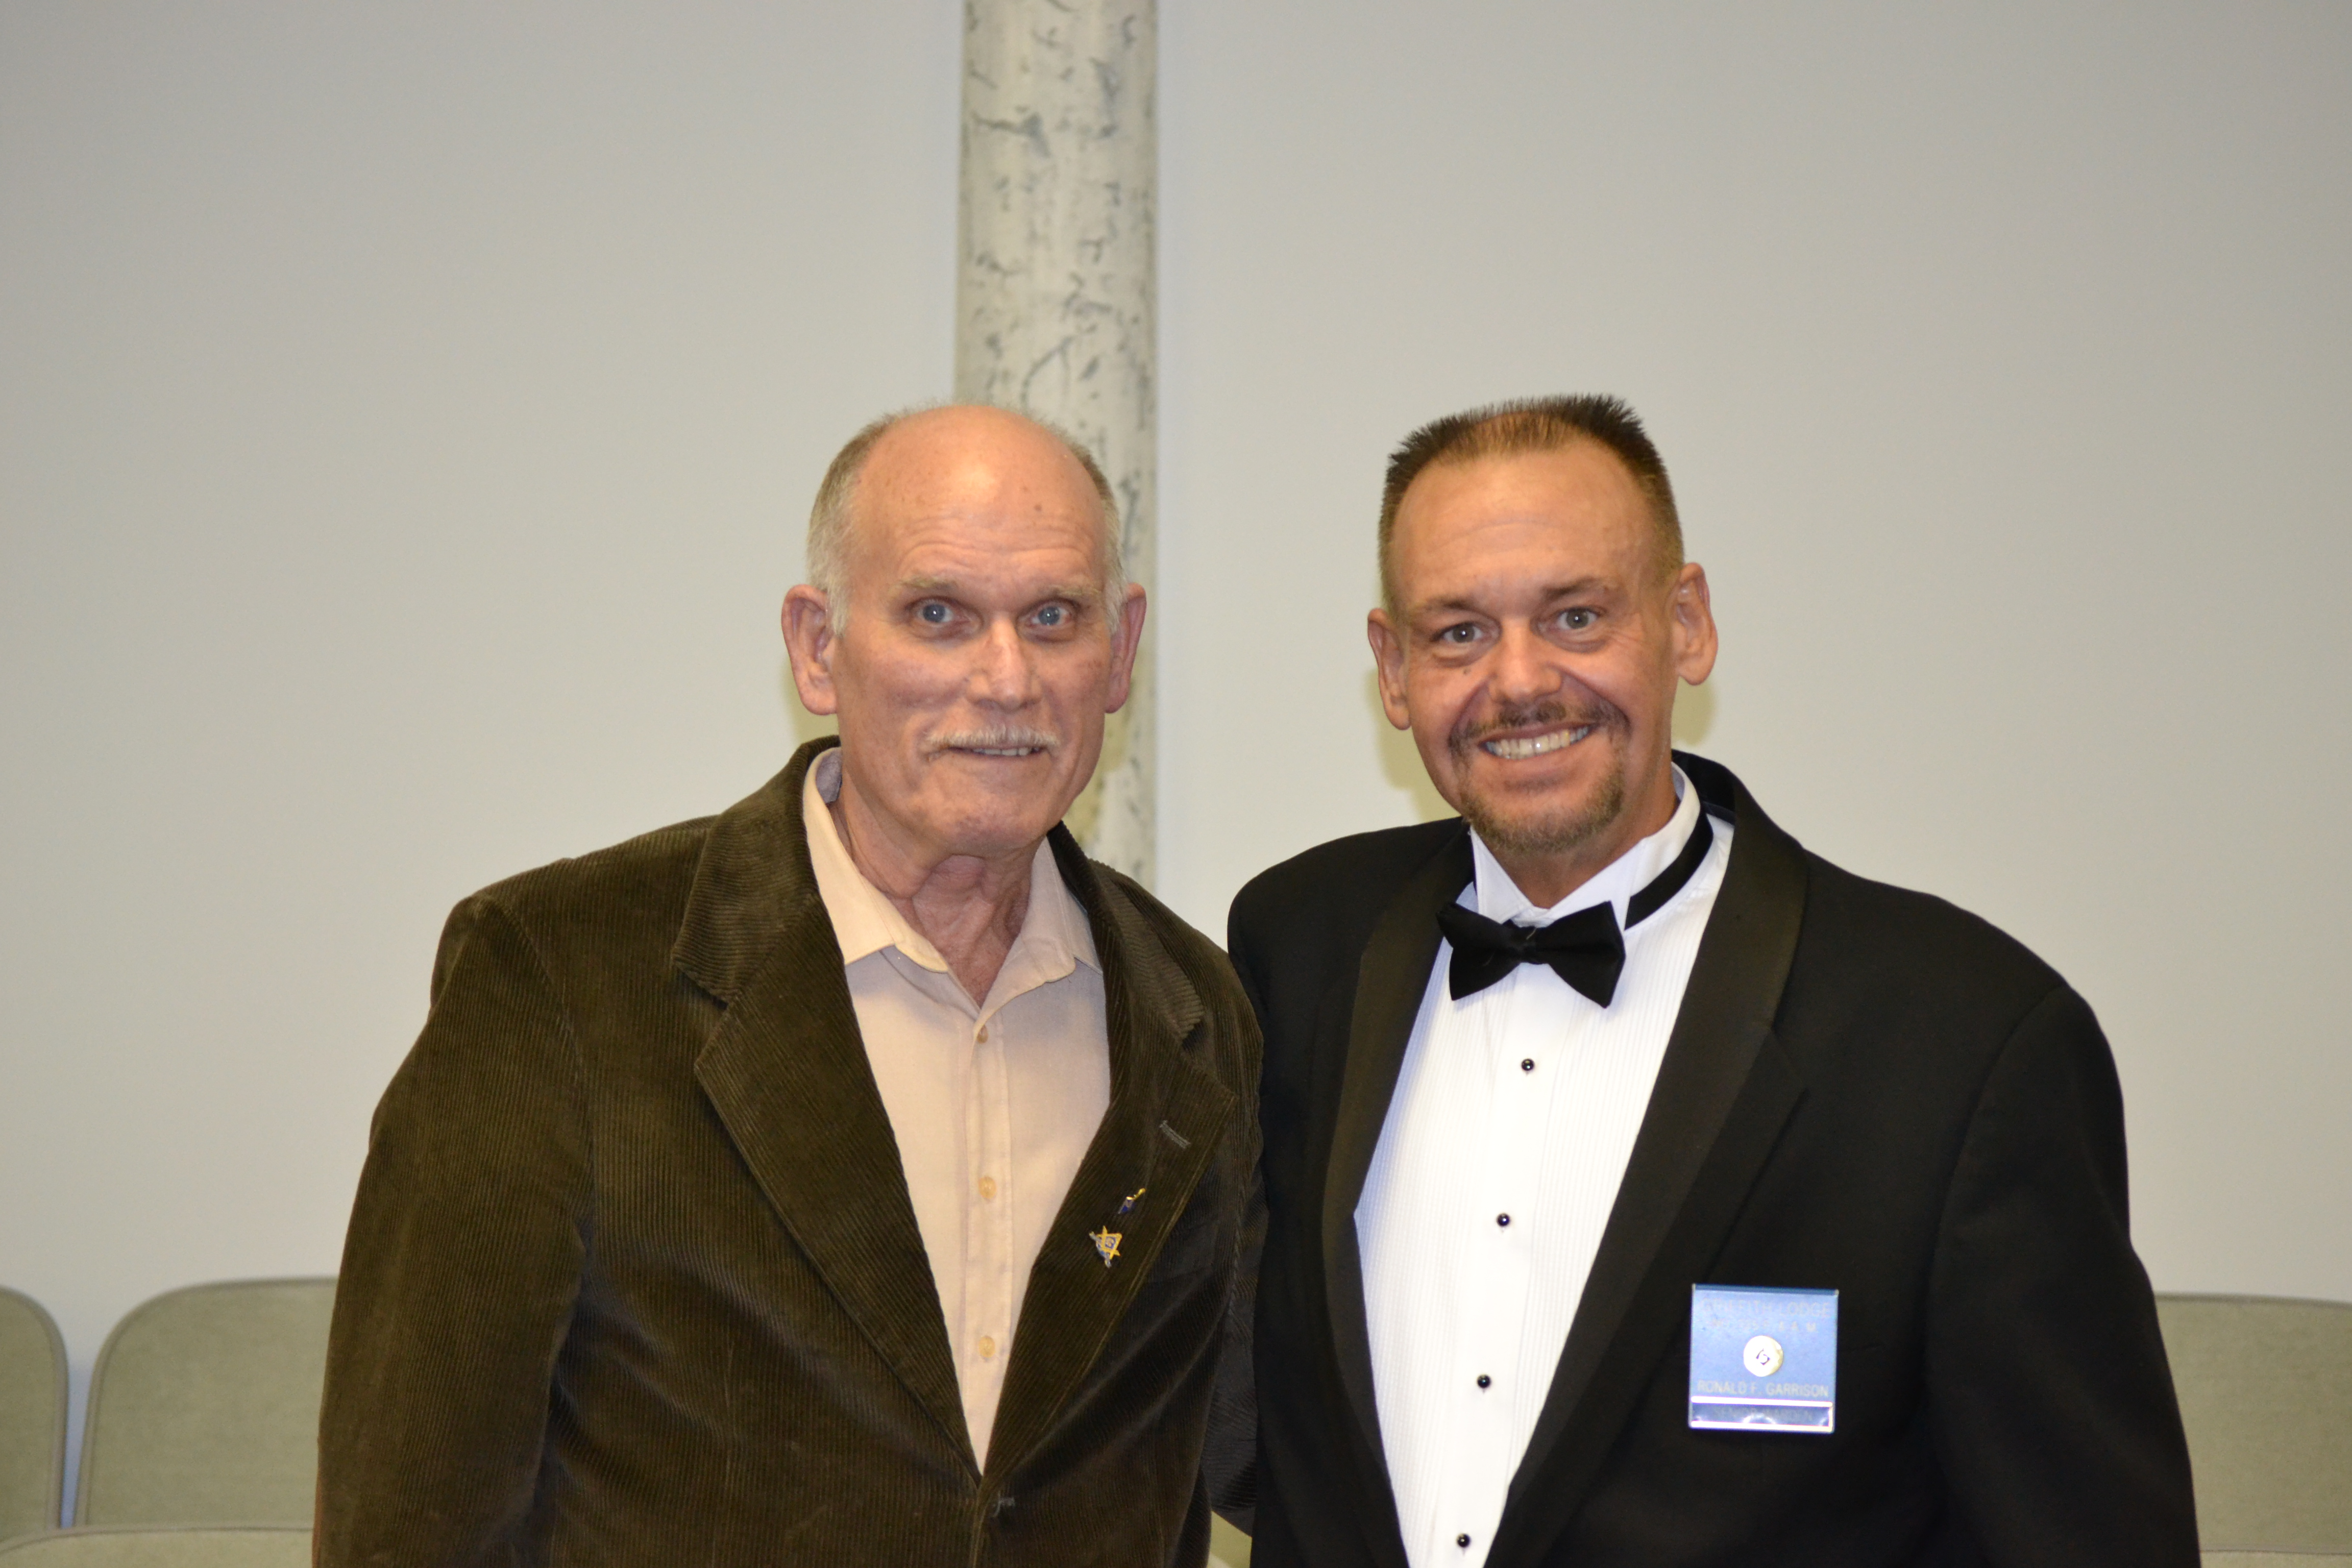 My Dad & I taken 12/14/2012